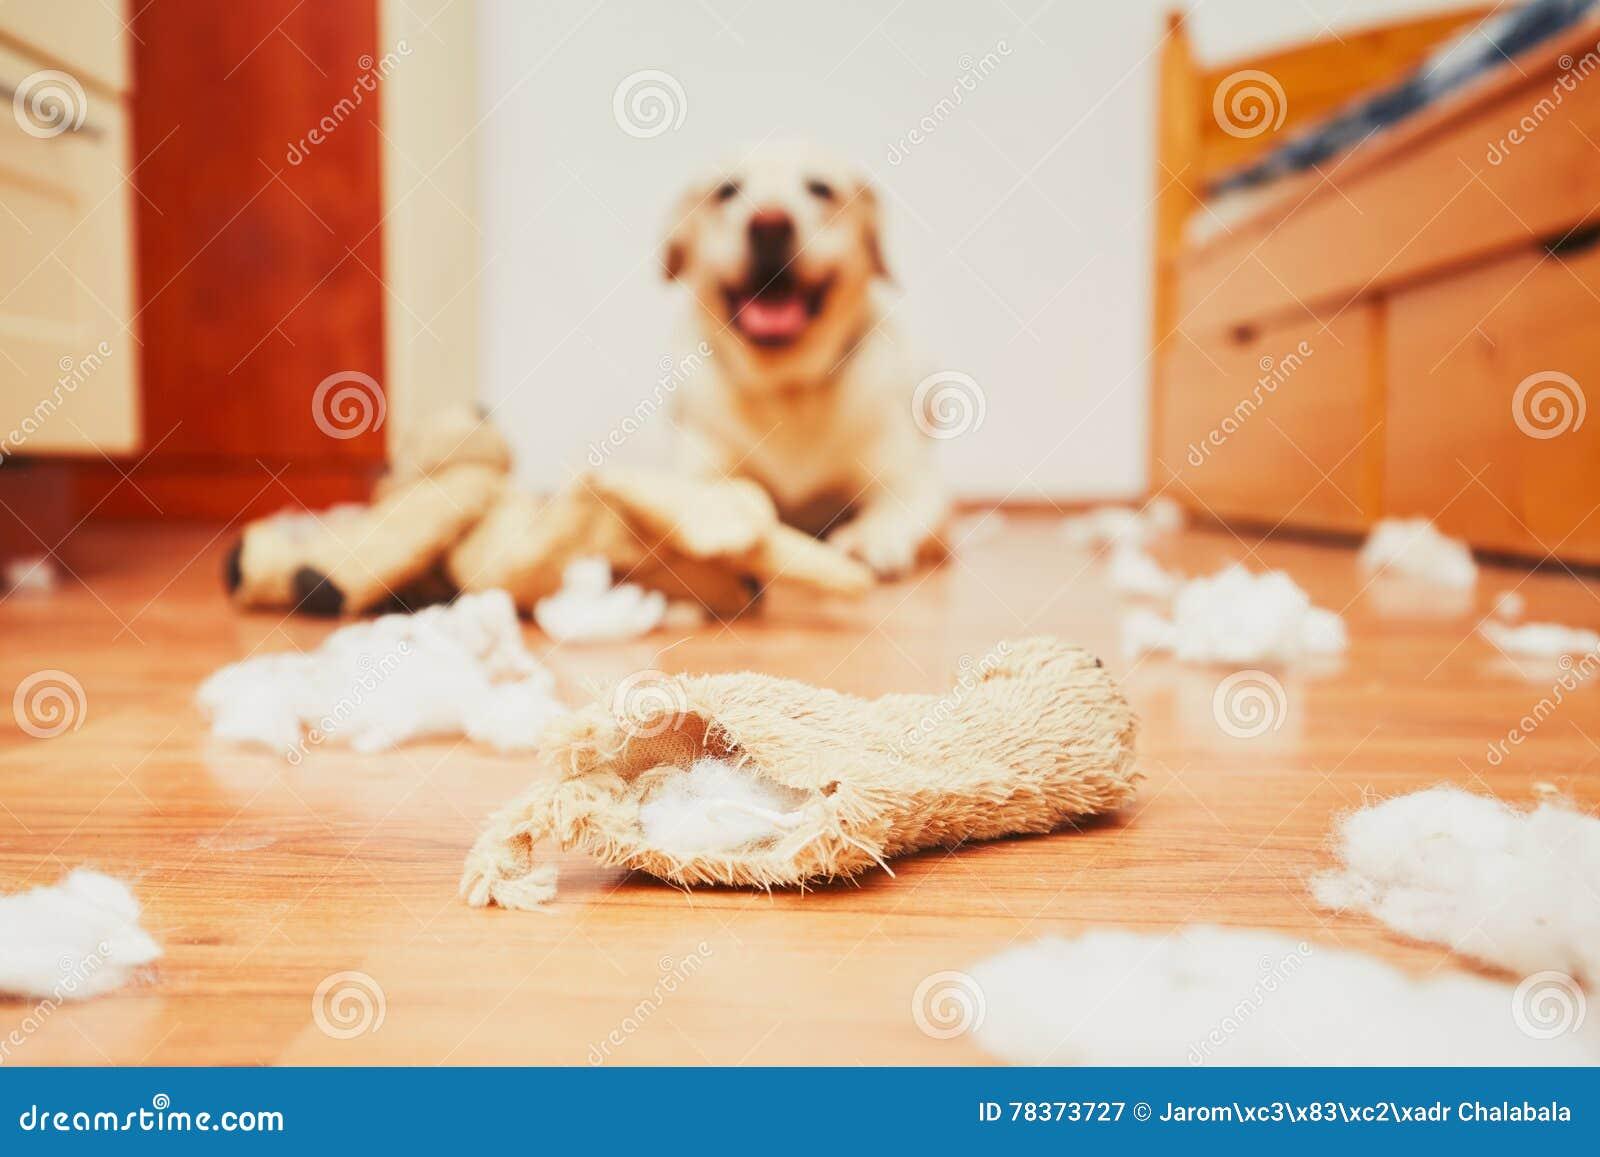 Ongehoorzaam hond alleen huis